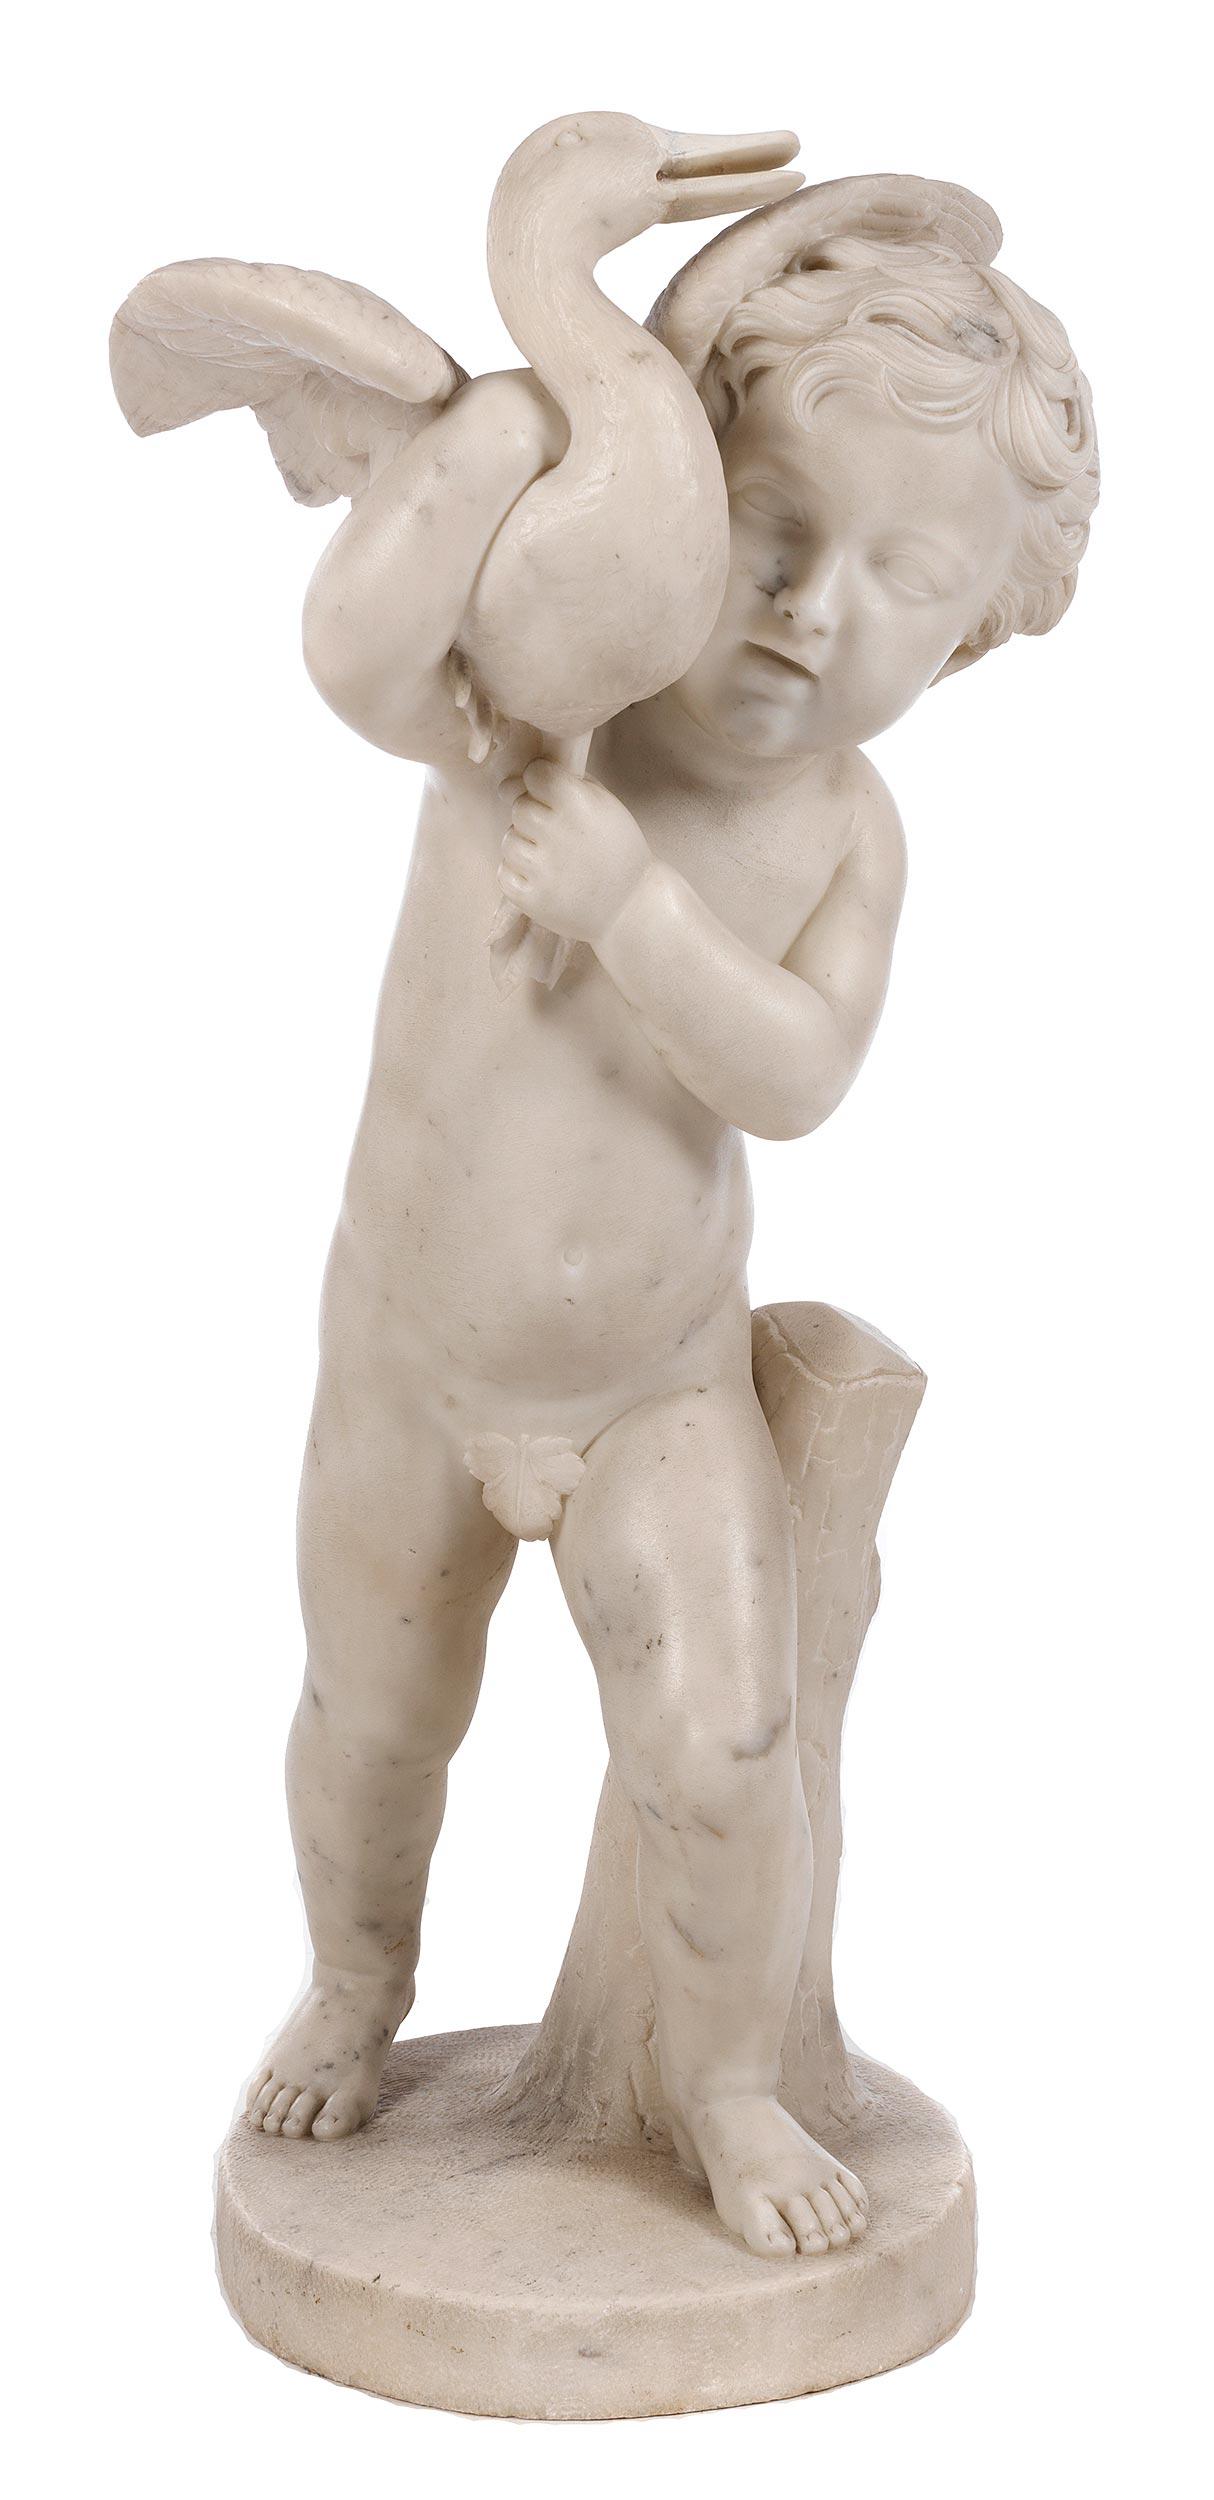 Marmorfigur eines Knäbleins mit geschultertem Schwan